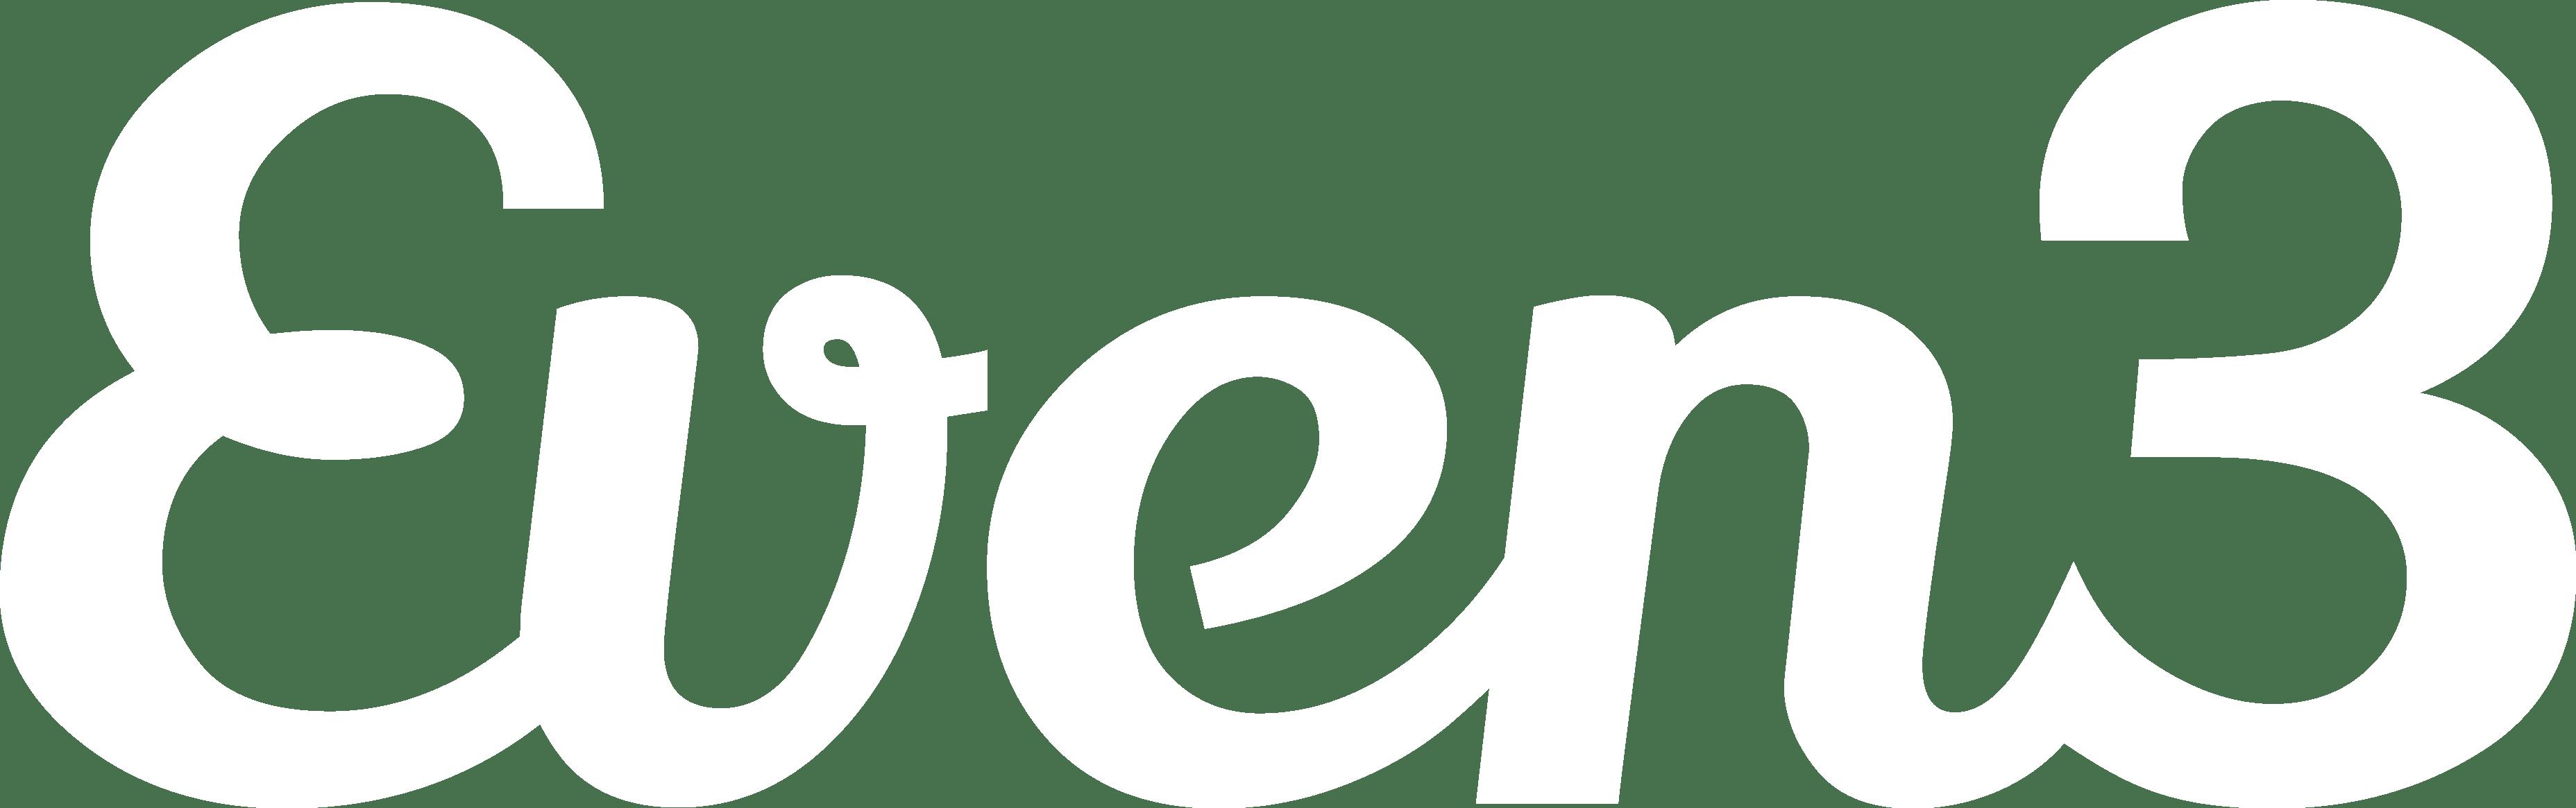 Logo Even3 Branco